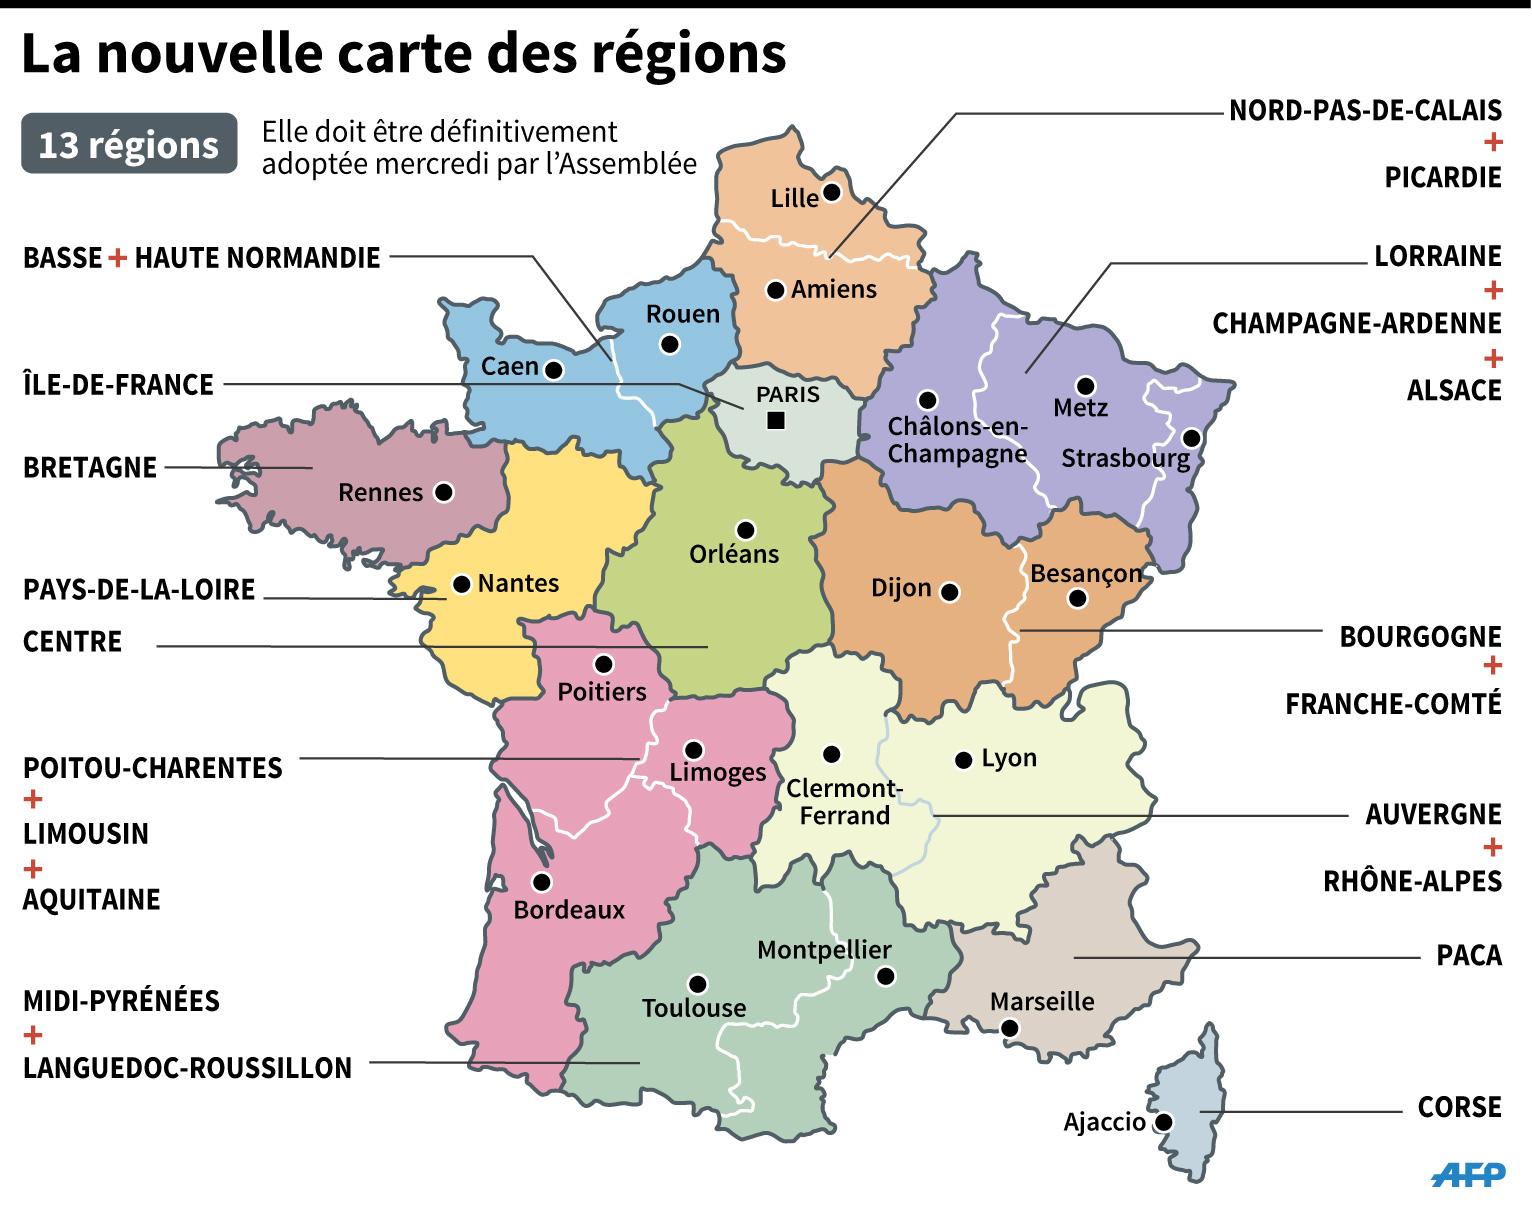 Sondage Les Francais Tres Partages Face Aux Nouvelles Regions